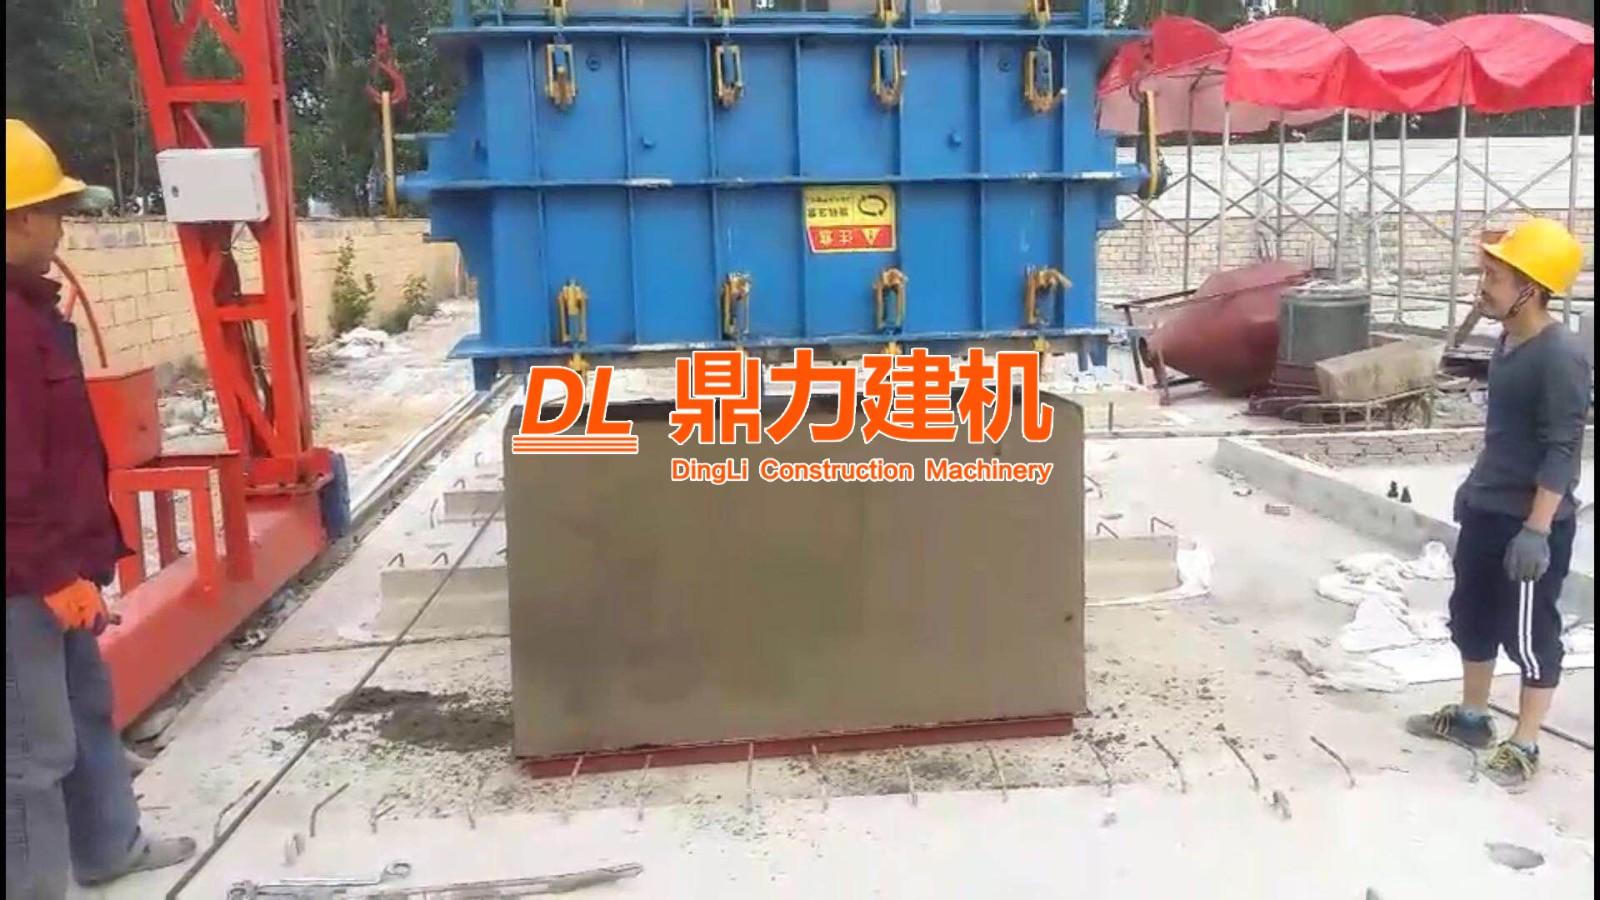 青岛市政集团高频振动雨水斗设备生产现场